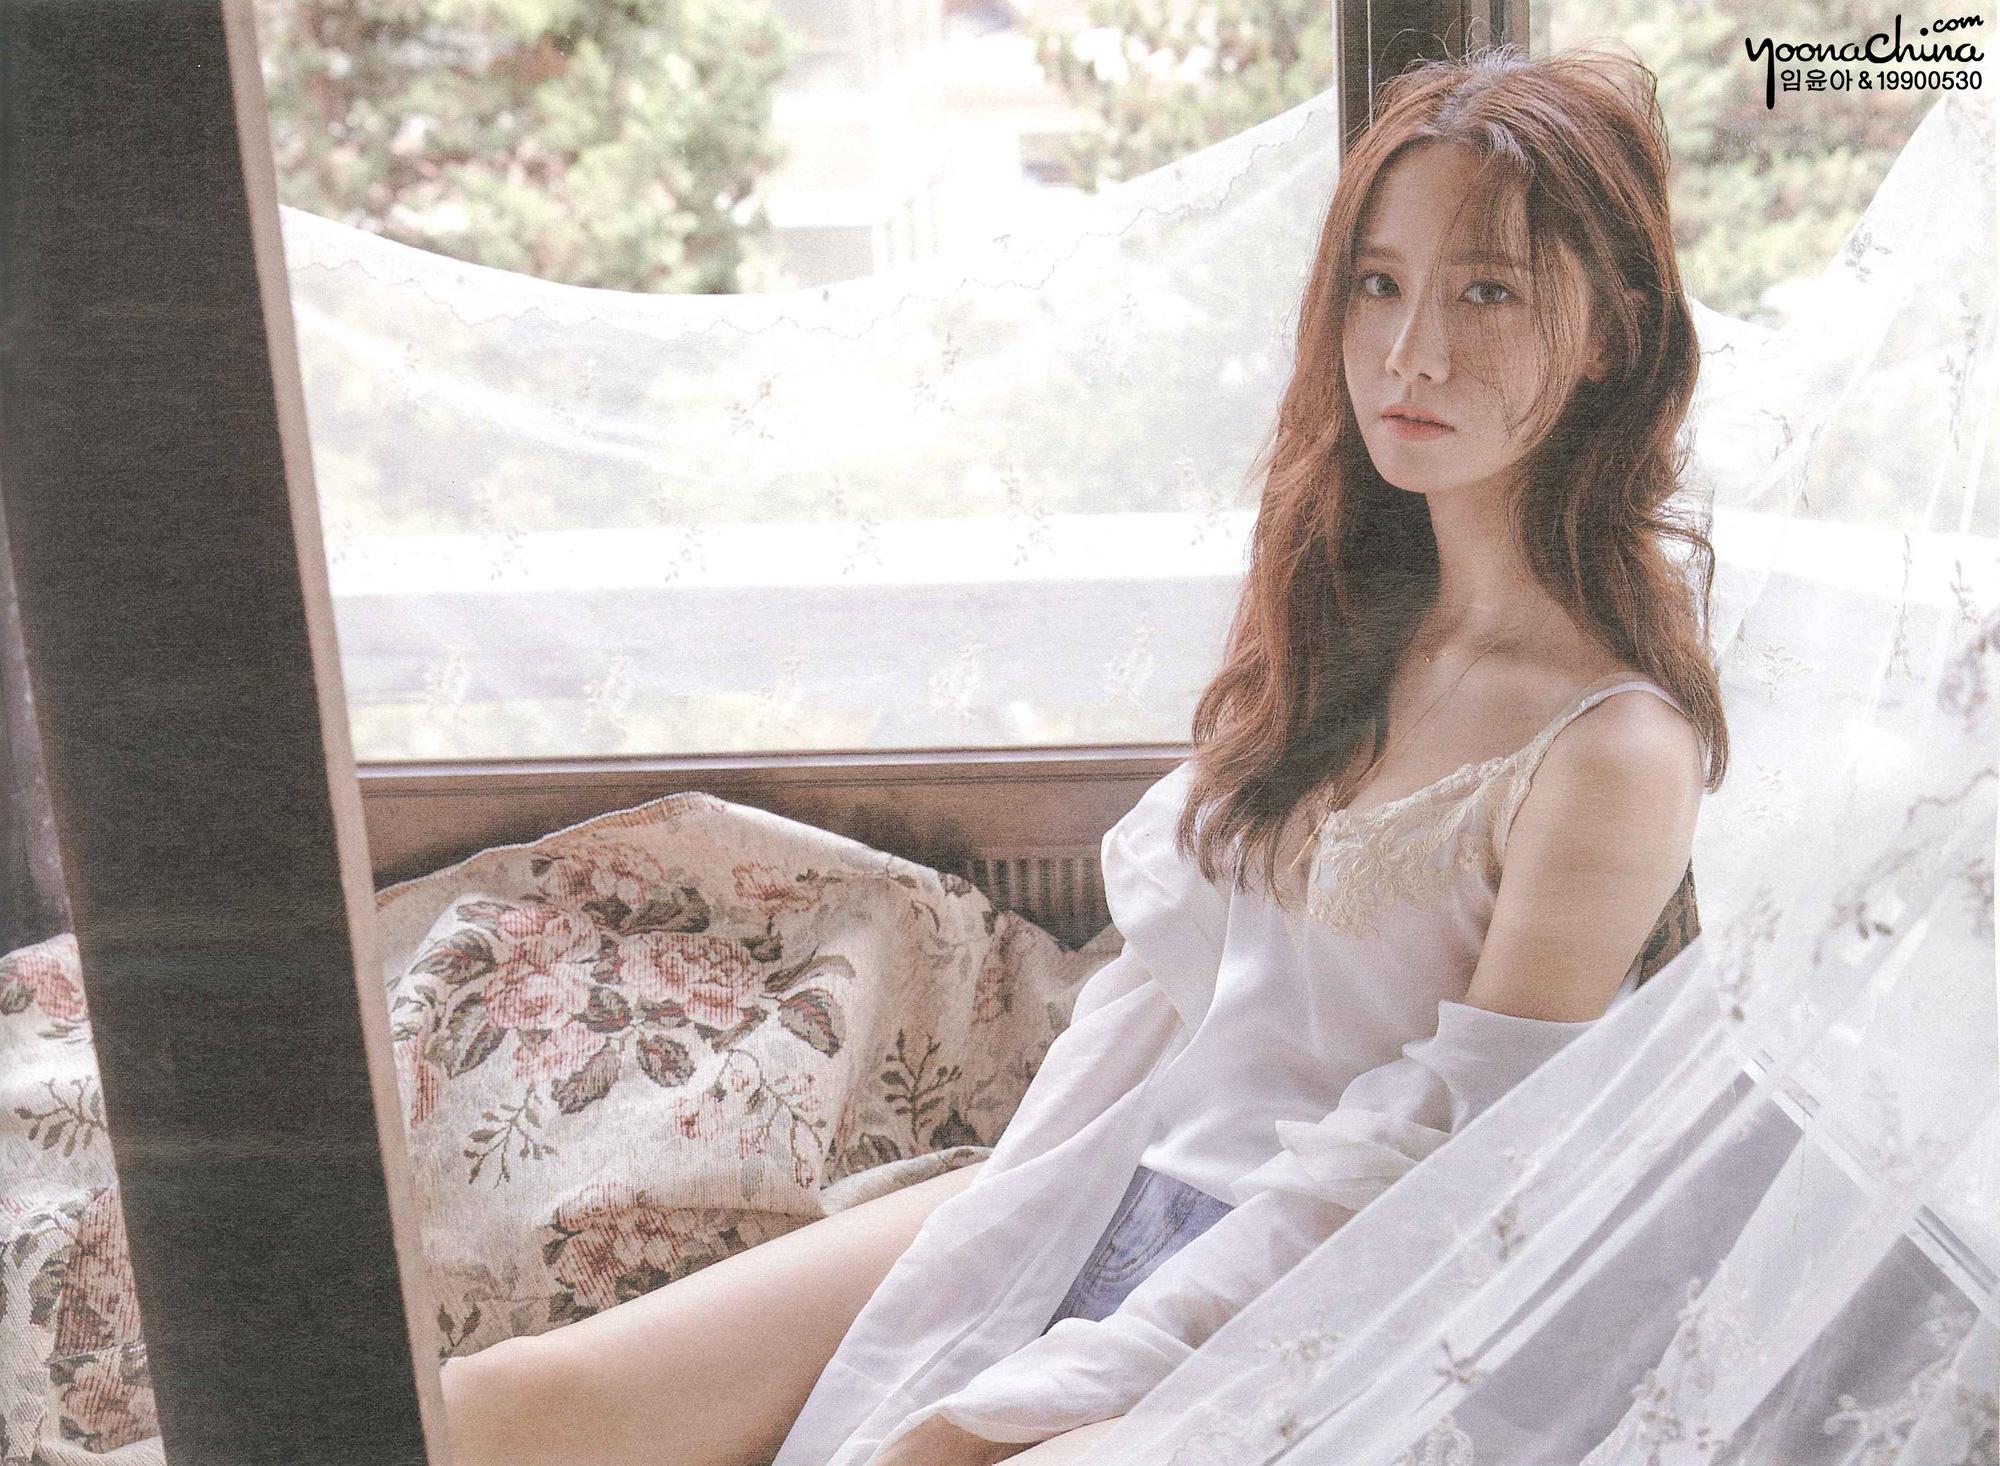 Yoona e ấp thế mà nhiều khi ăn diện sexy 'nổ mắt', có 'chuyển ngạch' sang style gợi cảm thì khối idol bốc lửa cũng phải e dè - Ảnh 7.